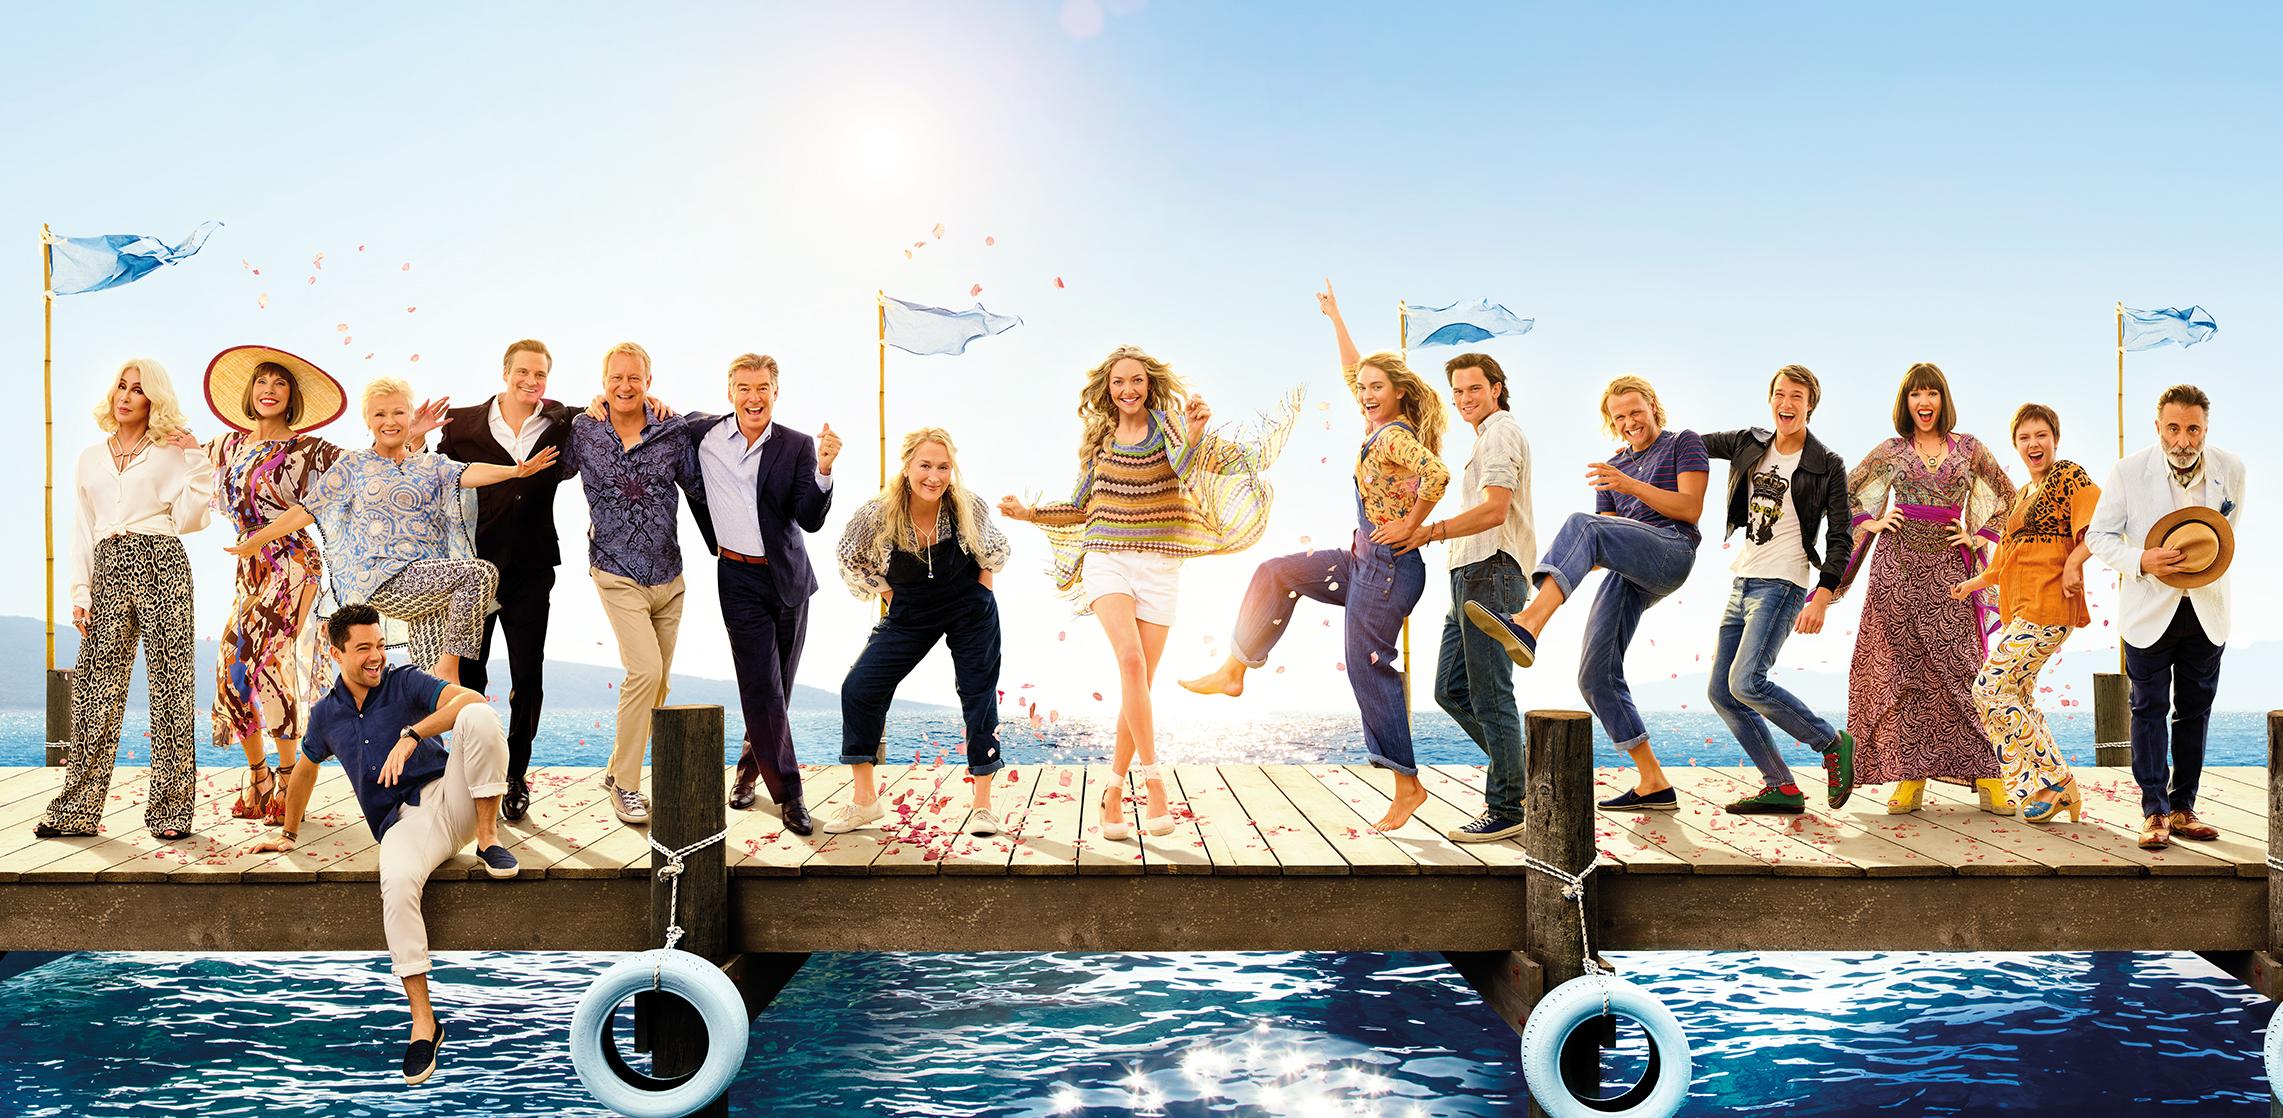 Mamma Mia 2 filming